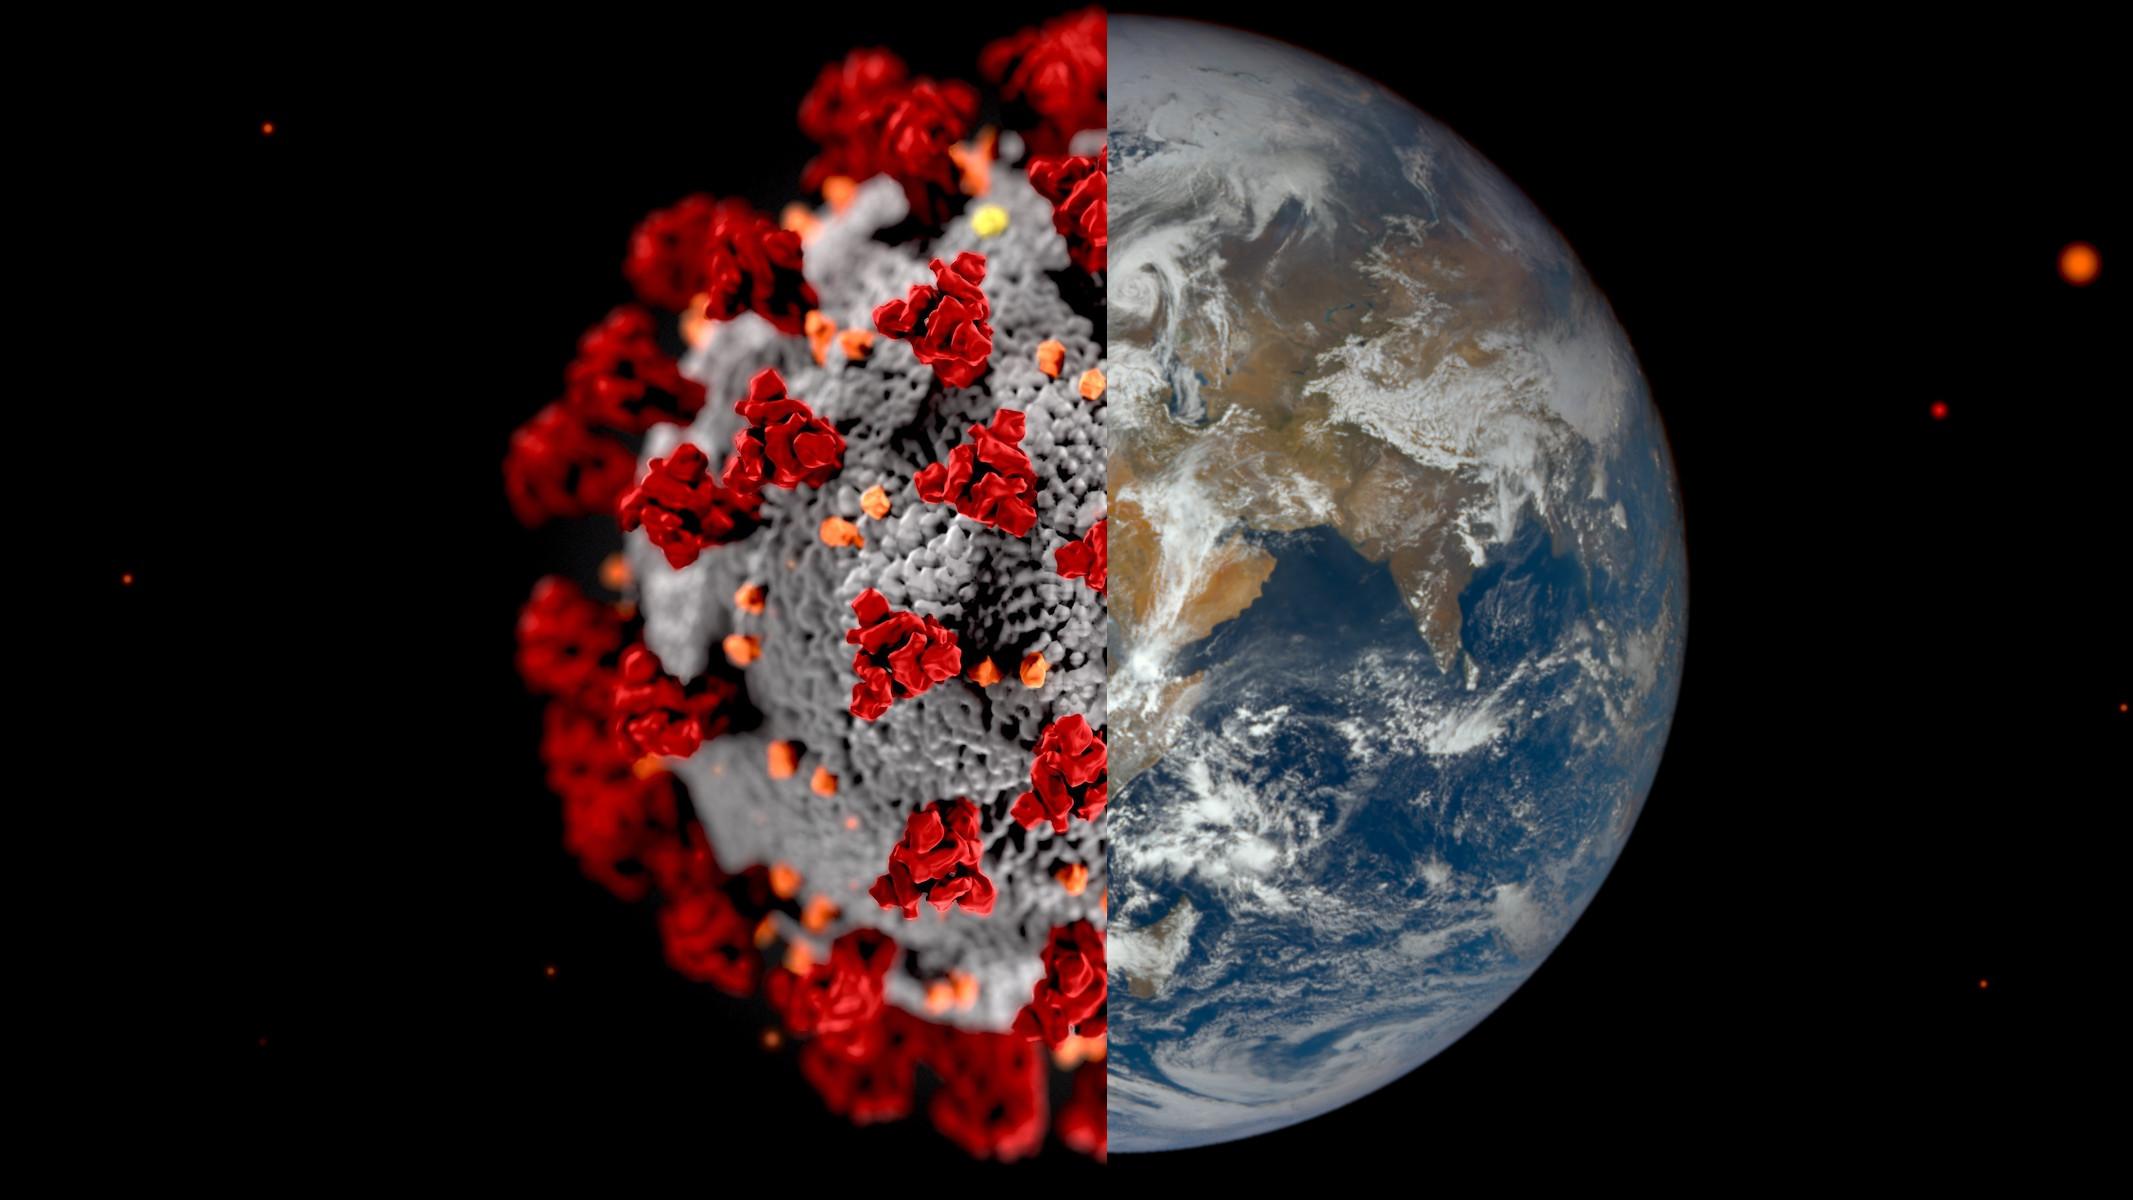 Ученый предрек миру новую пандемию и гибель половины населения Земли